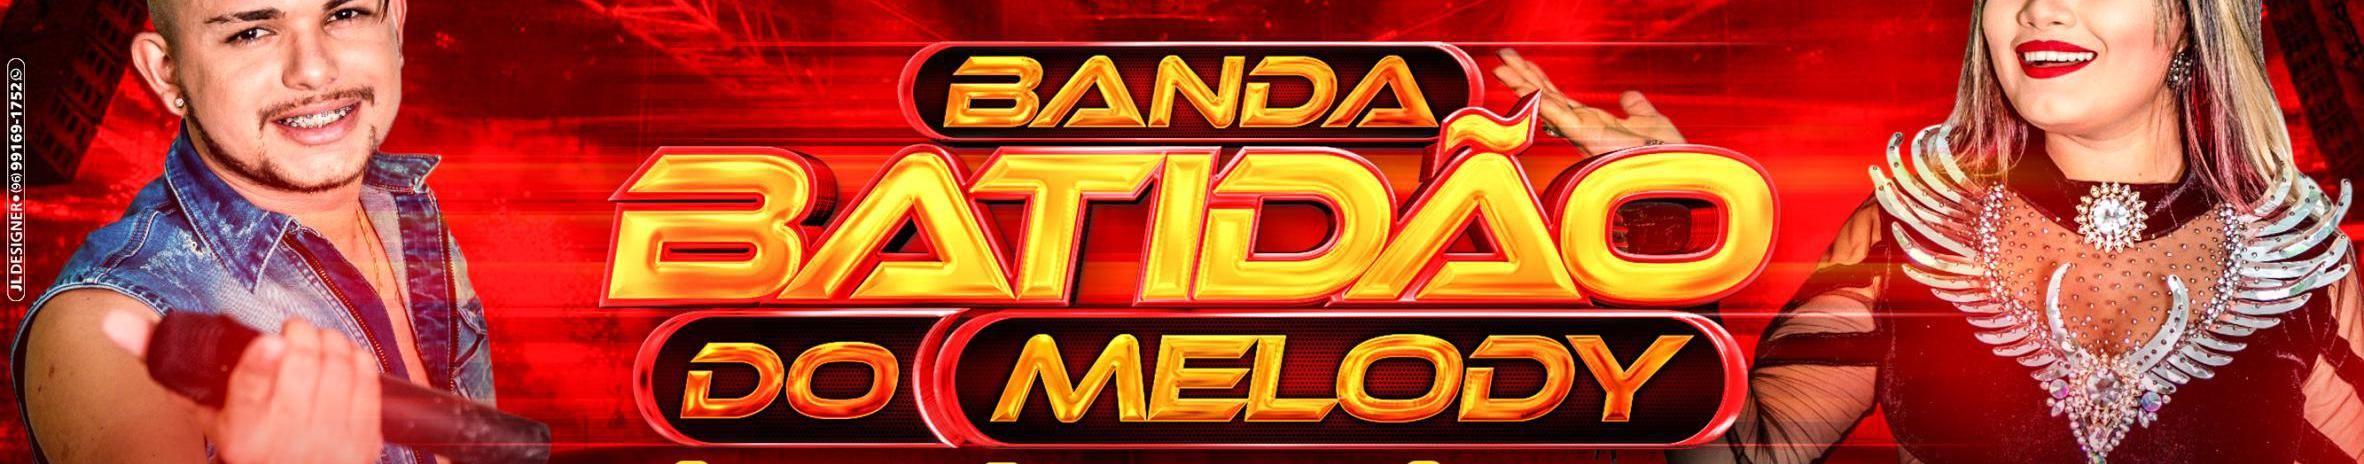 Imagem de capa de Banda Batidão Do Melody 2014